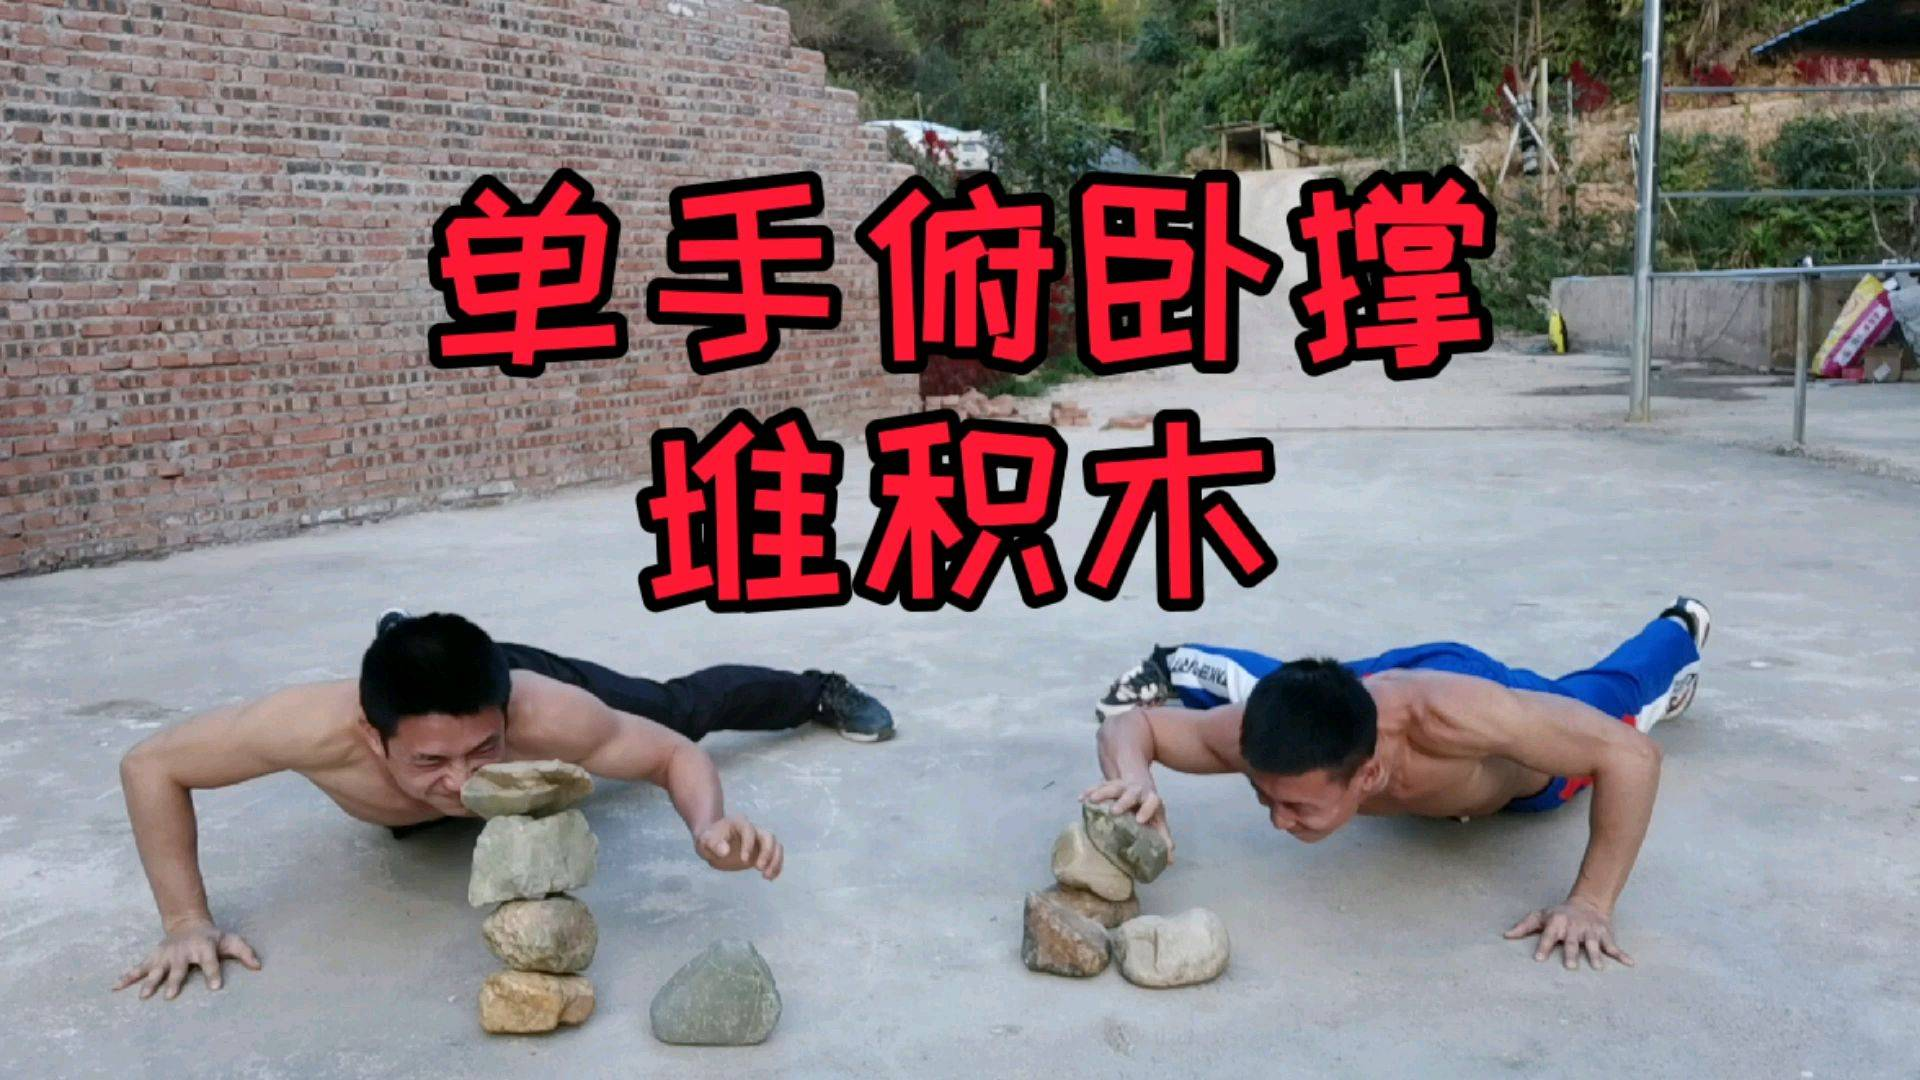 挑战单手俯卧撑堆积木,输的一方自罚500俯卧撑